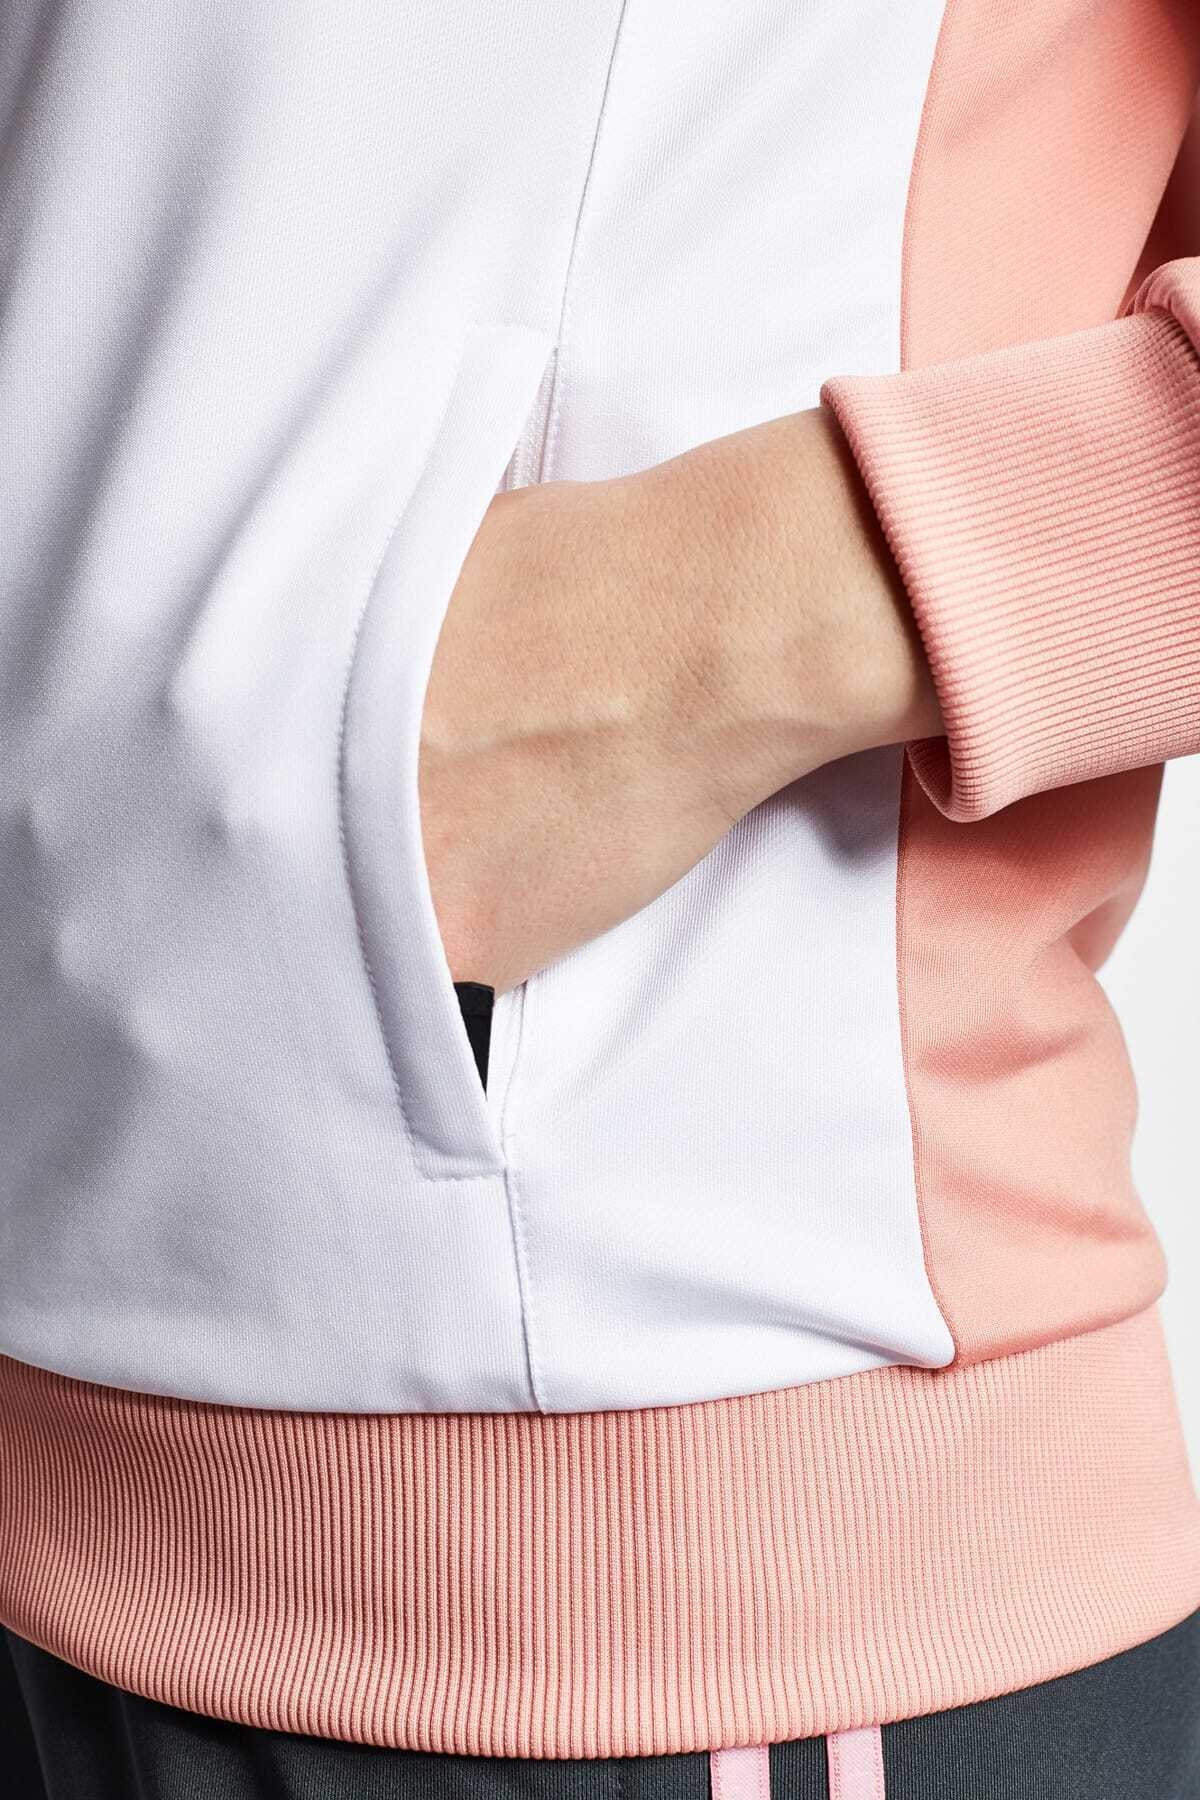 Lescon Kadın Sweatshirt - 0 19b-2131 - 19btbs002131-pub 2